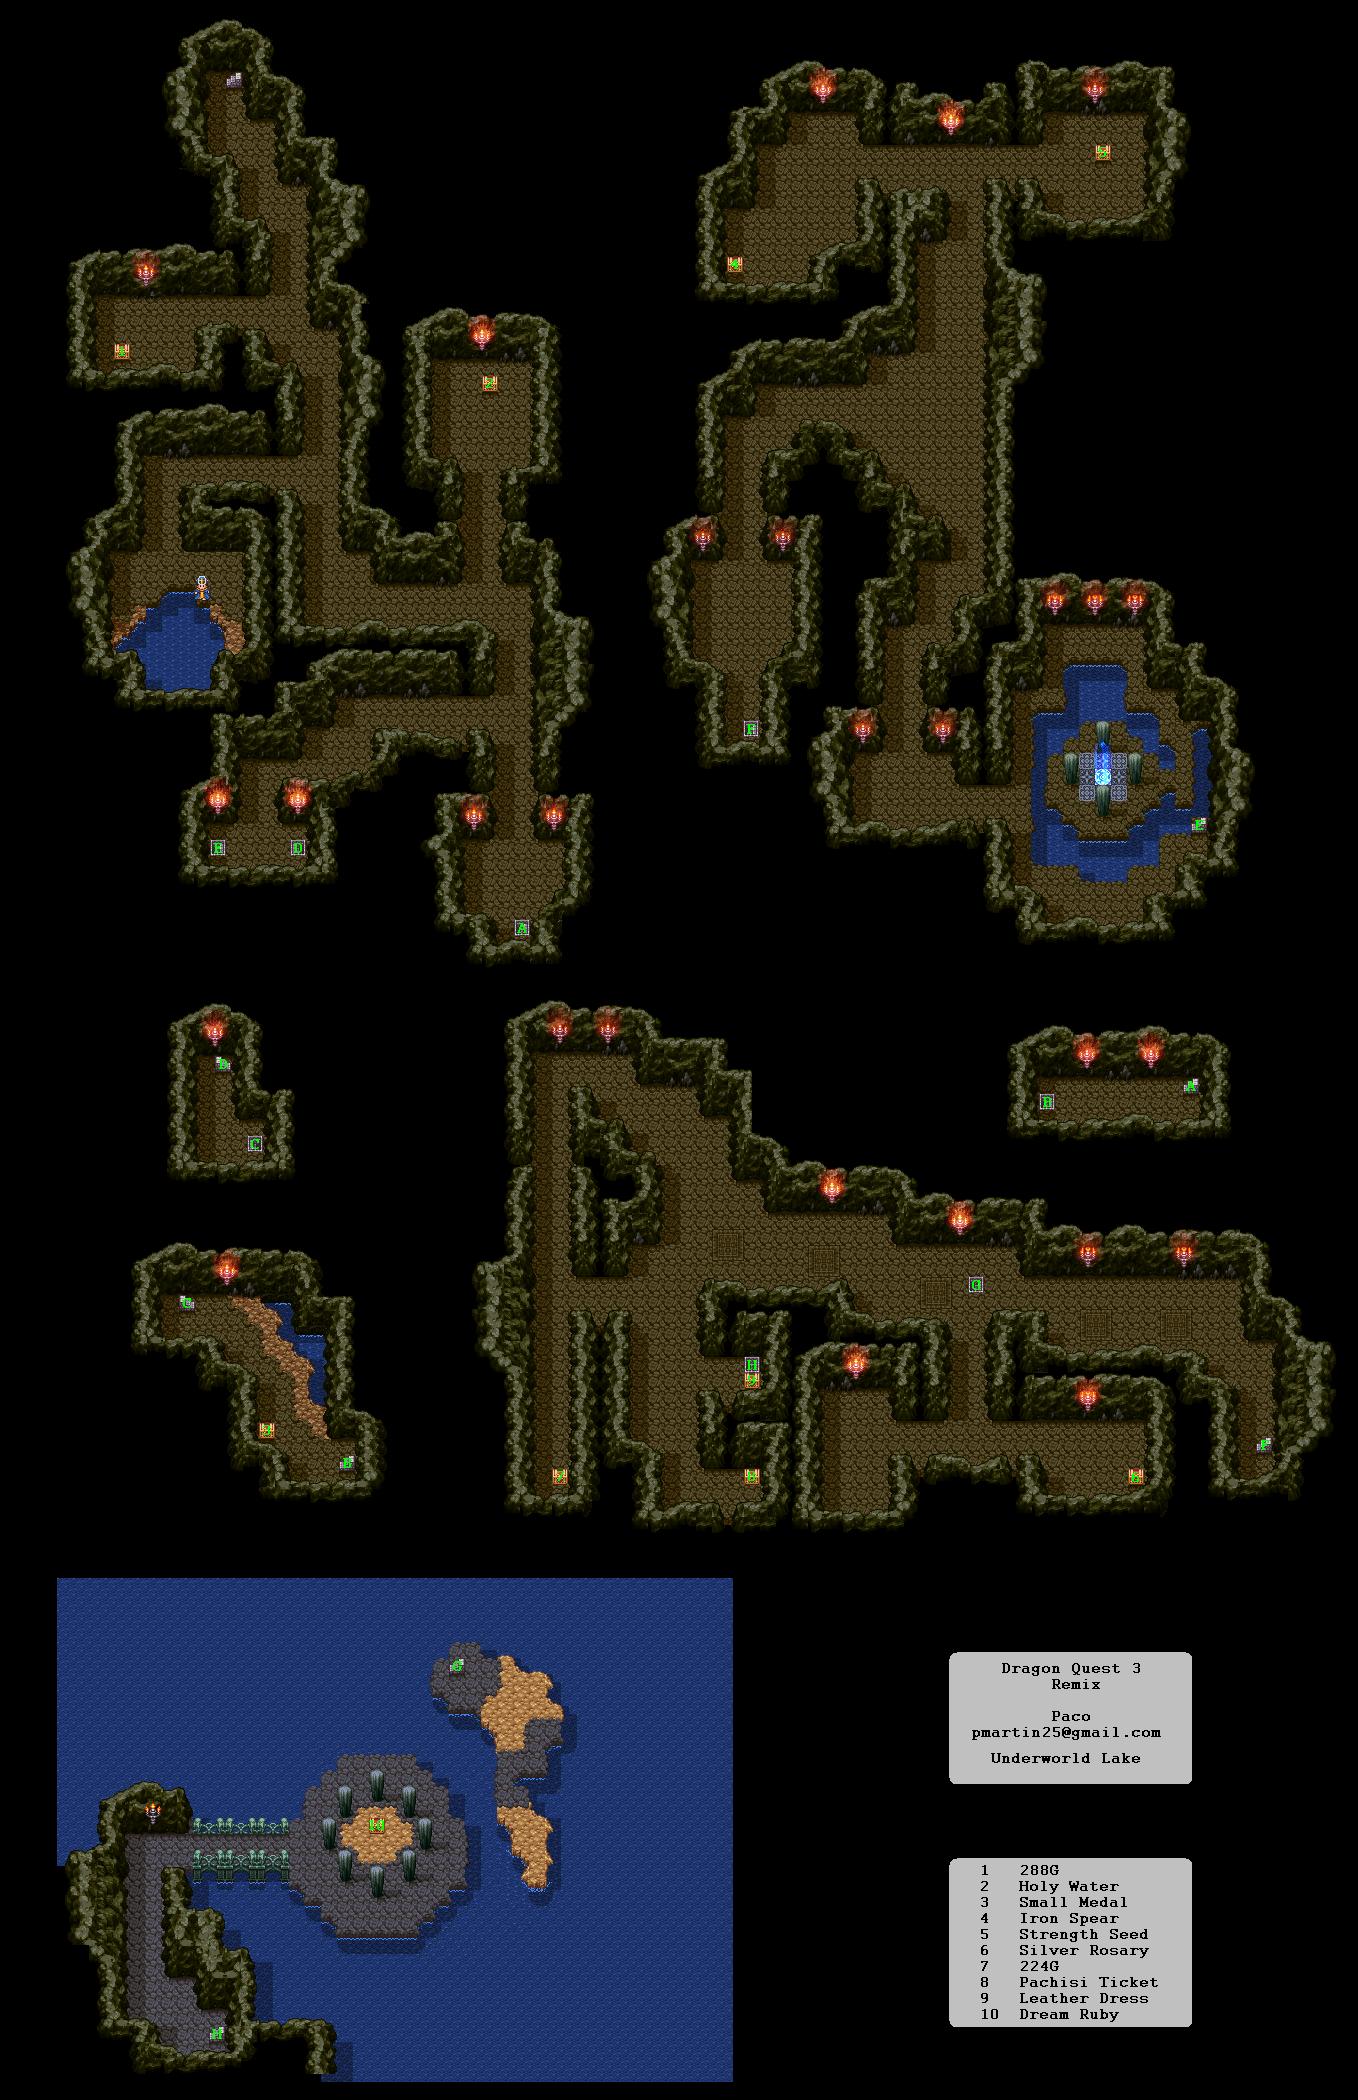 Dragon Quest 3 Map : dragon, quest, Dragon, Quest, Dungeon, Tower, Realm, Darkness.net, Warrior, Shrine